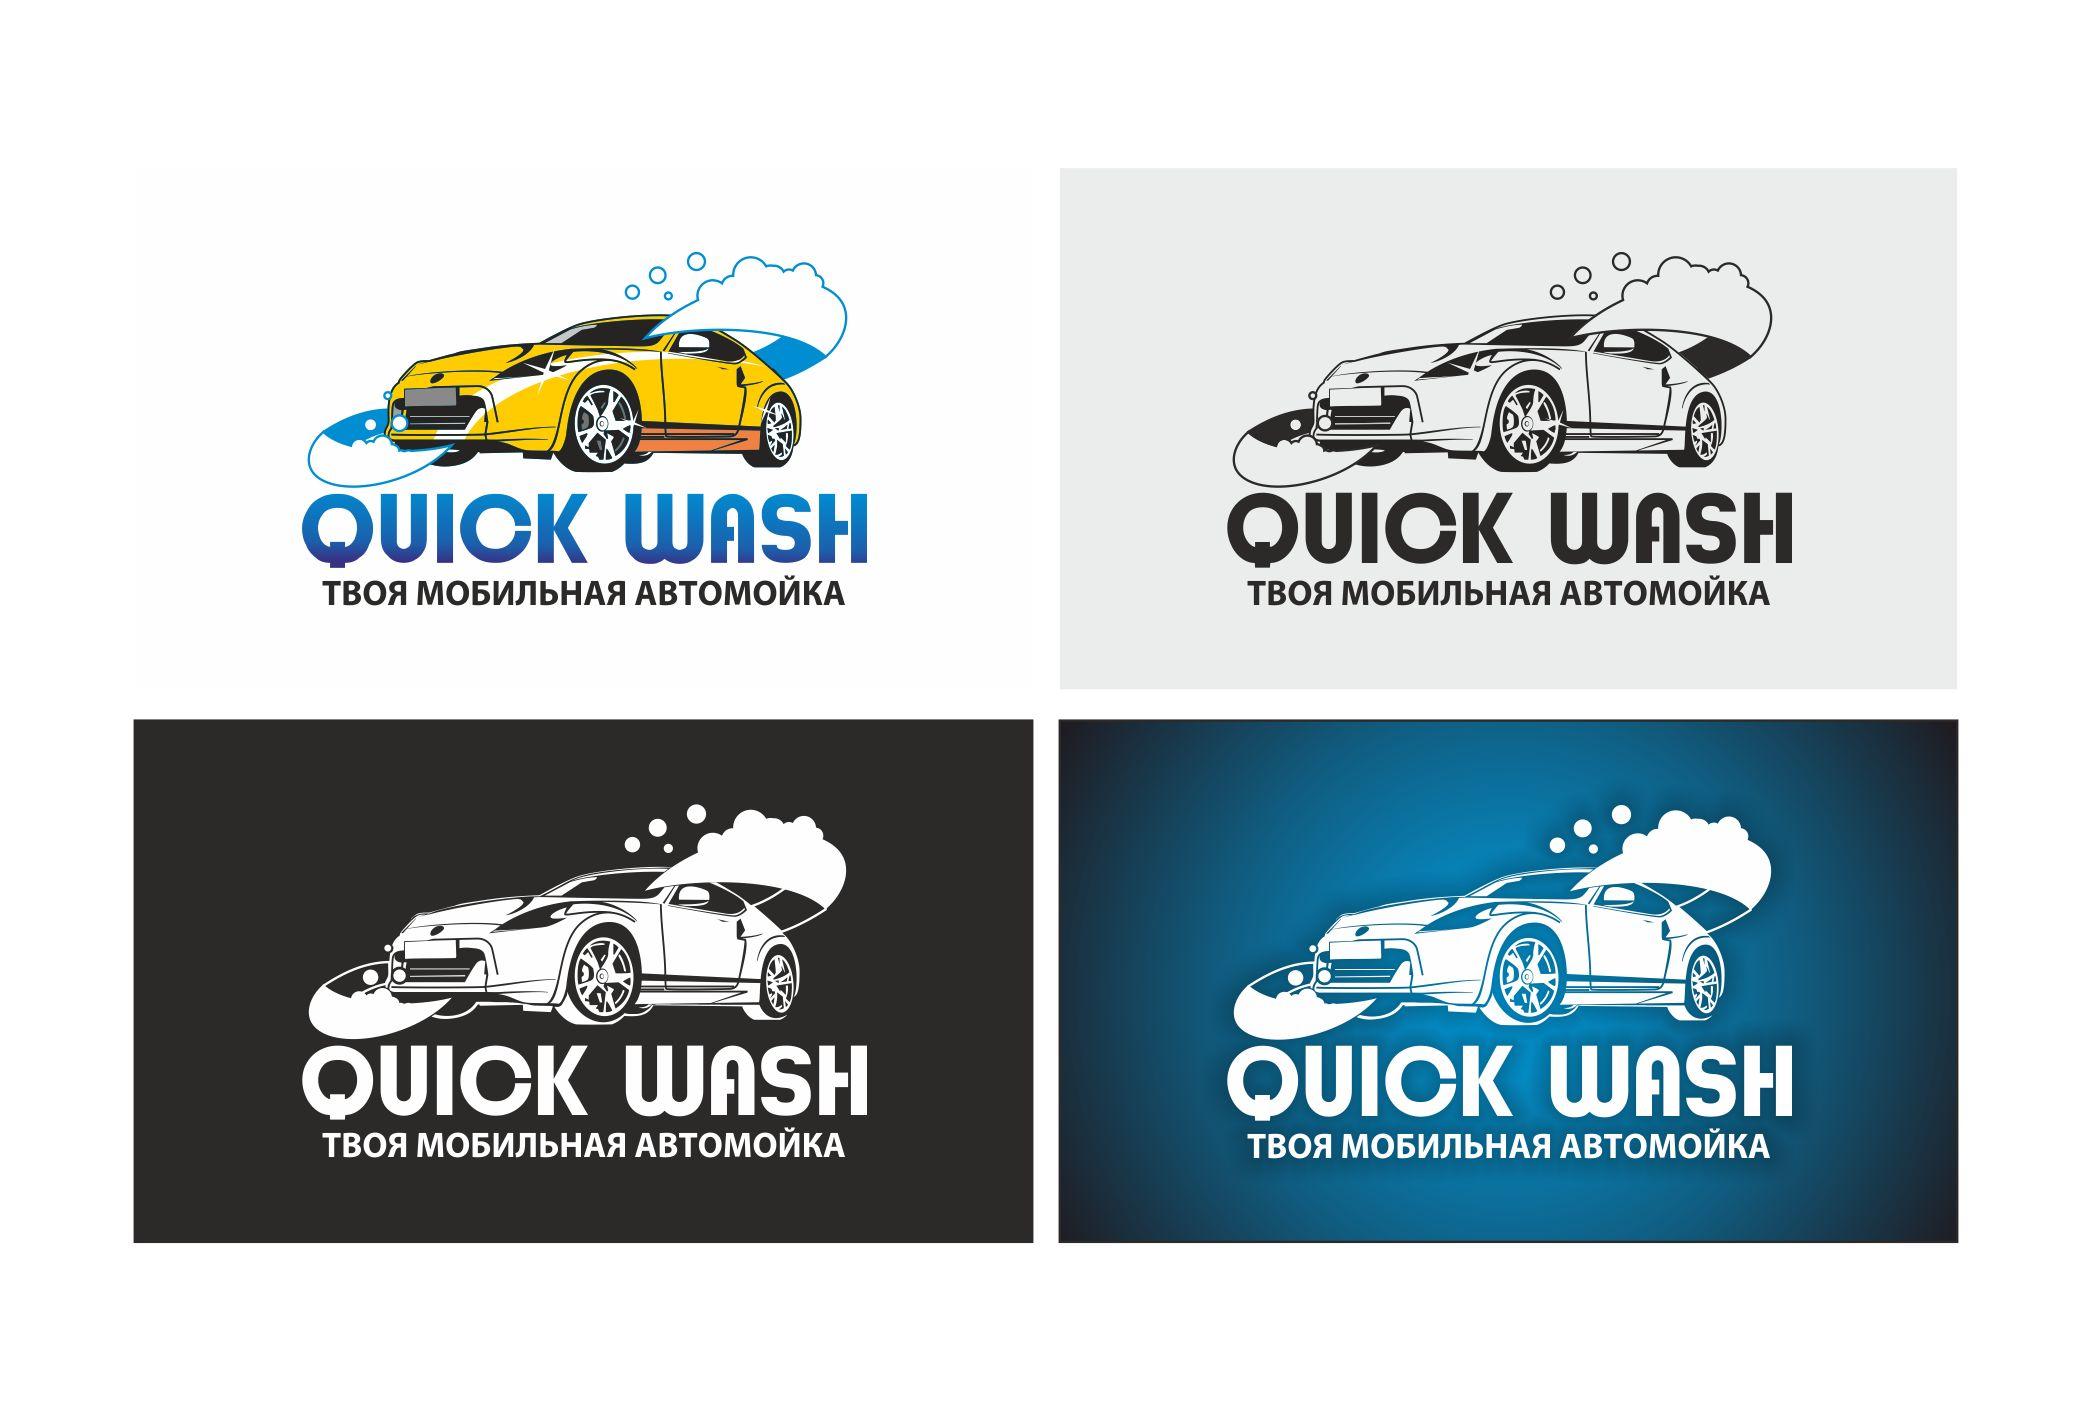 qickwash2